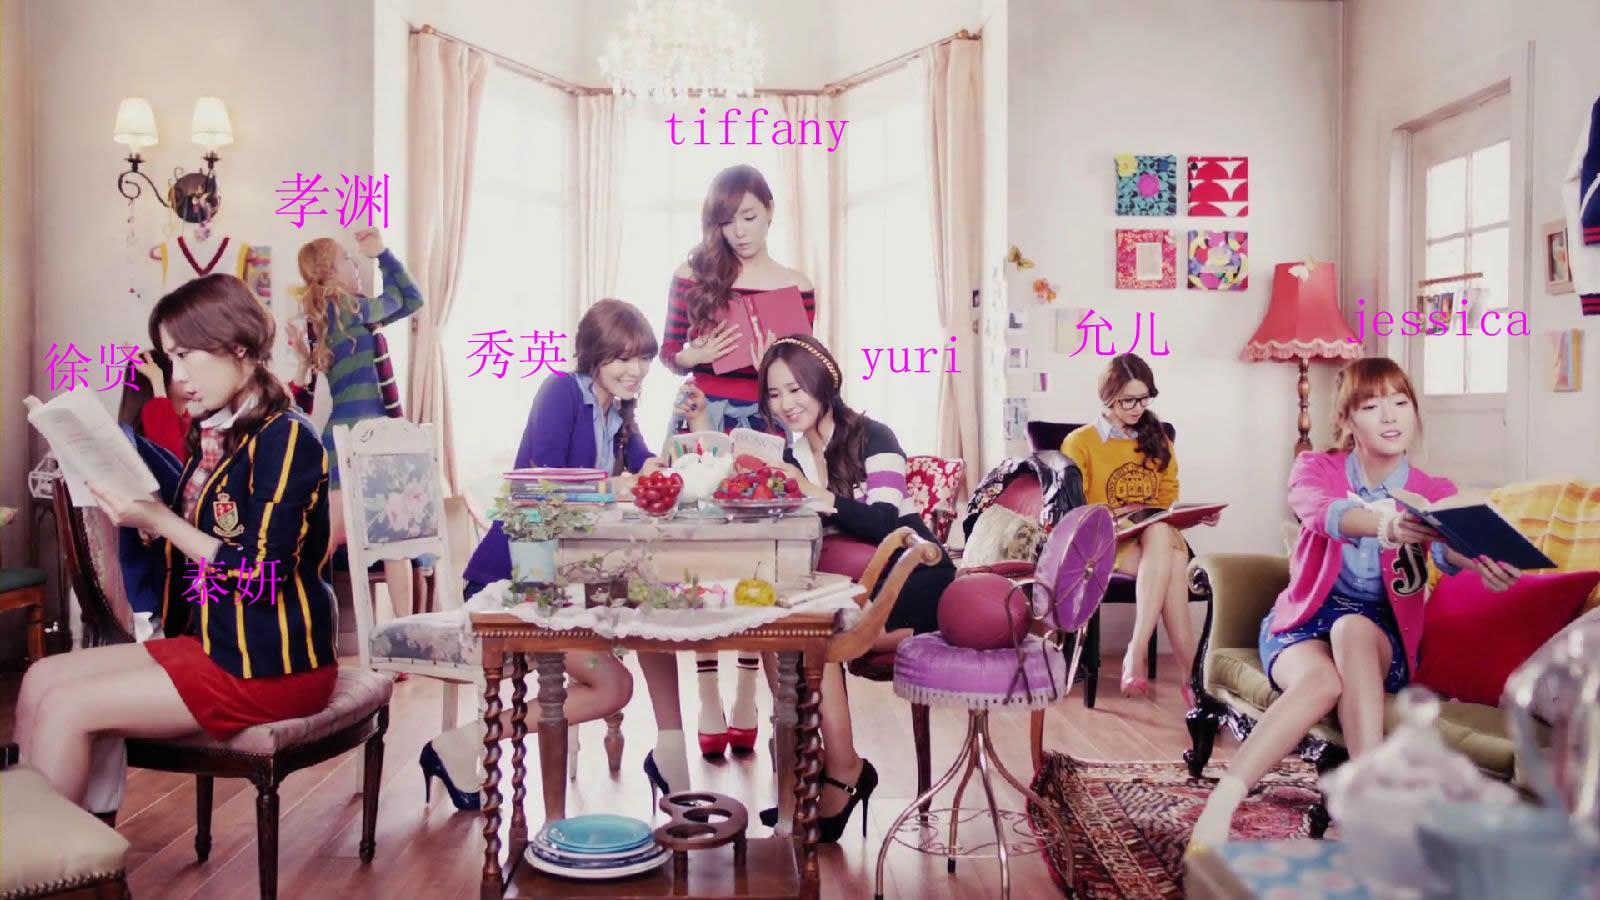 少女时代的mv《oh》里穿紫红色衣服的是哪两个女生?